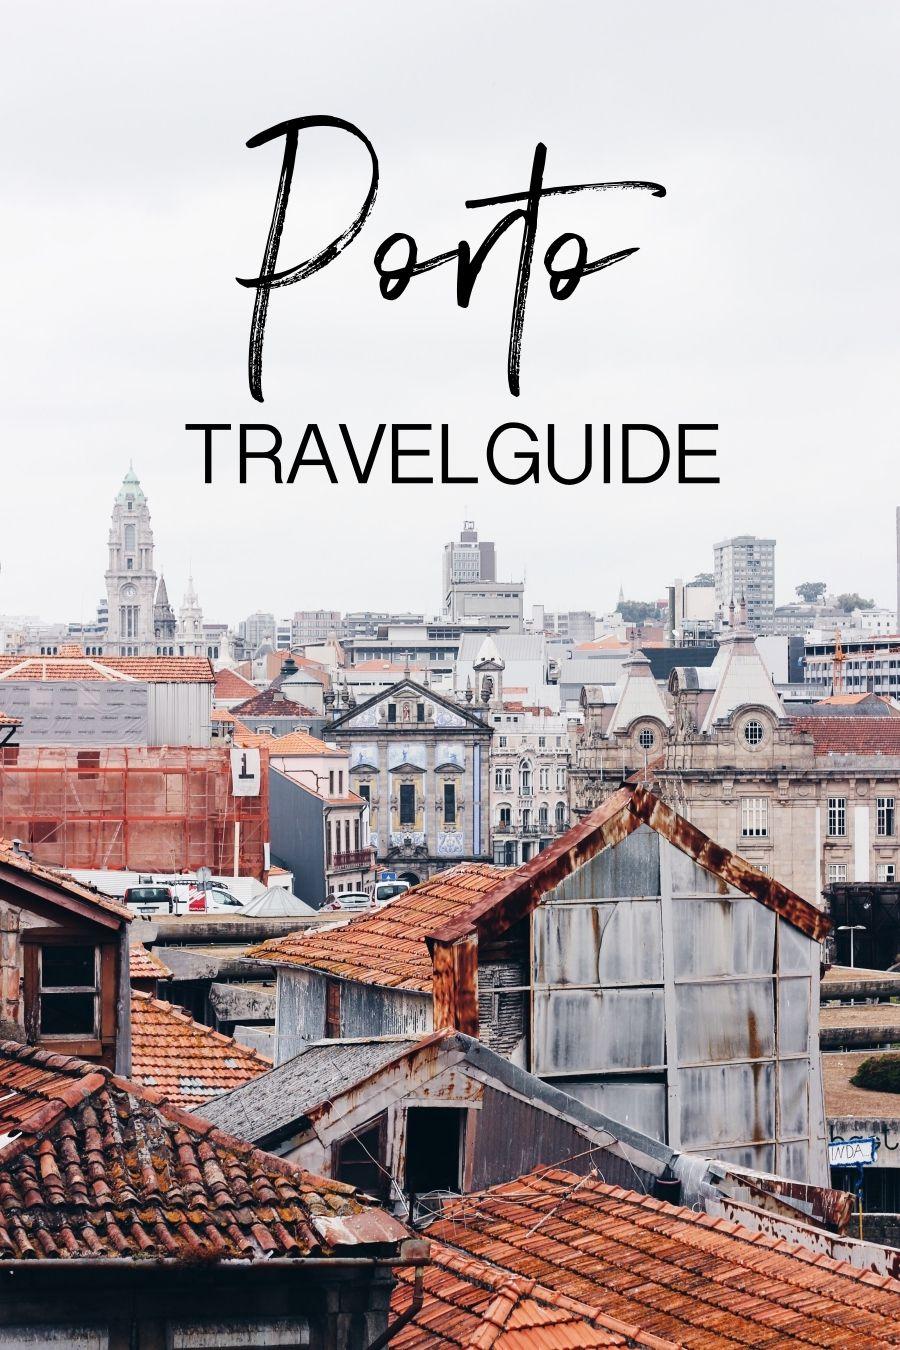 Porto Travel Guide mit den schönsten Stränden, Sehenswürdigkeiten und Aktivitäten für Porto - klickt auf in high fashion laune vorbei! #bestplacesinportugal